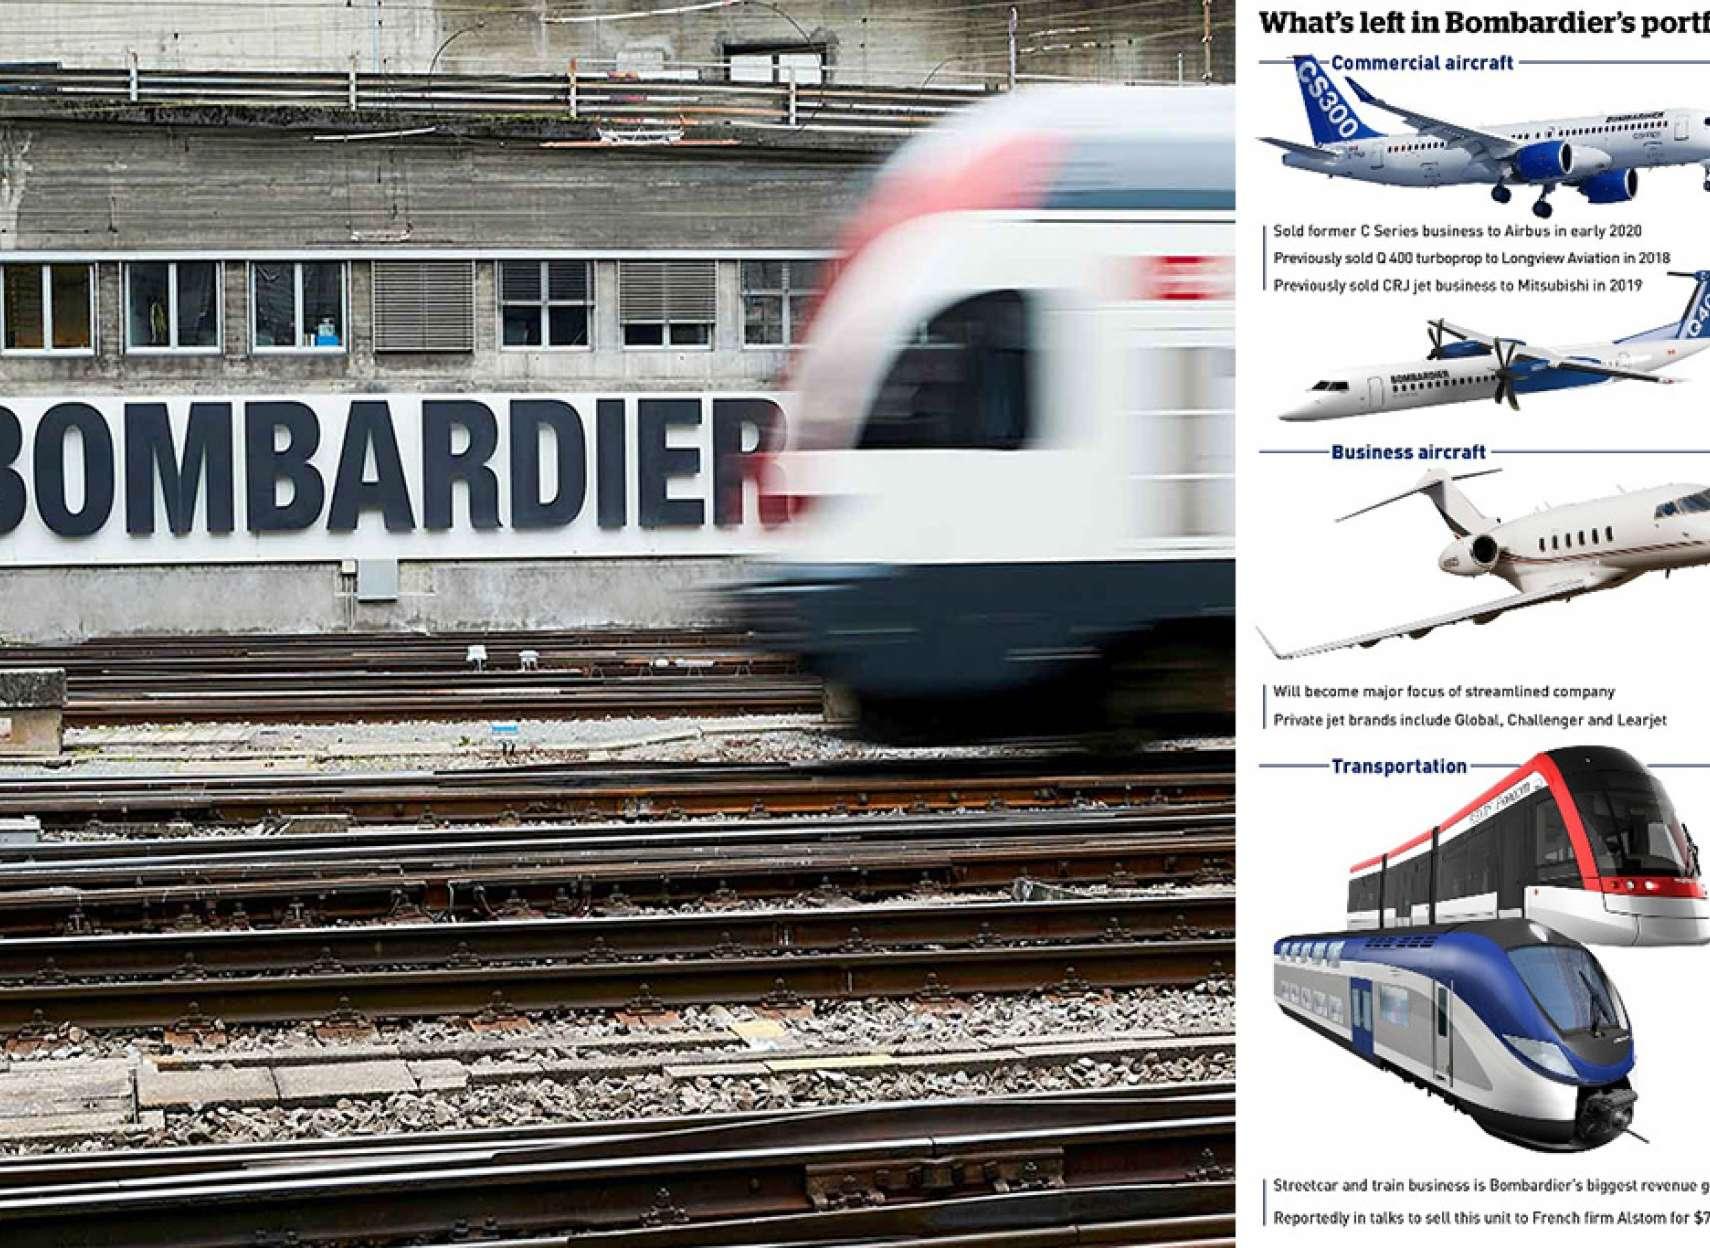 اخبار-کانادا-بمباردیه-بخش-قطارش-را-به-آلستوم-فرانسه-می-فروشد